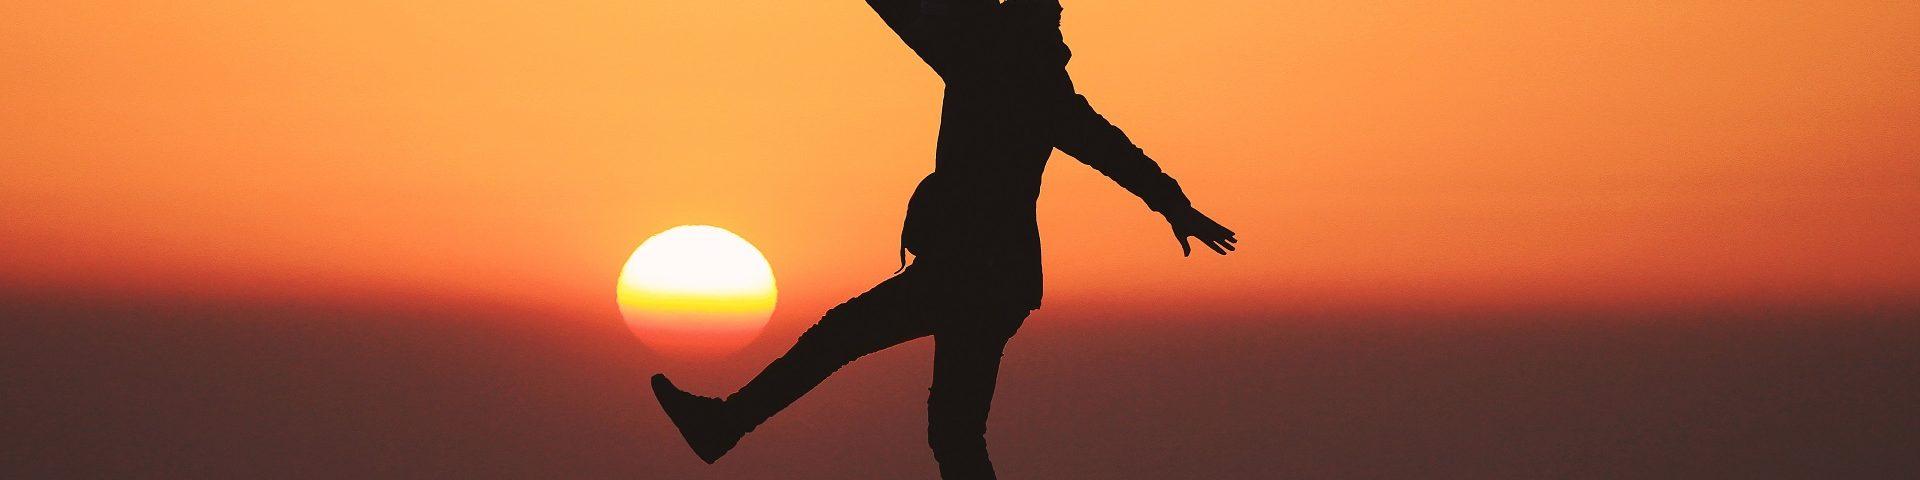 balans między pracą a życiem, balans życie praca, balans pomiędzy życiem osobistym a pracą, jak utrzymać balans między pracą a życiem, po co utrzymywać balans między pracą a życiem, dlaczego warto utrzymywać balans między pracą a życiem, praca i życie w balansie, równowaga między między pracą a życiem, jak utrzymać równowagę między pracą a życiem